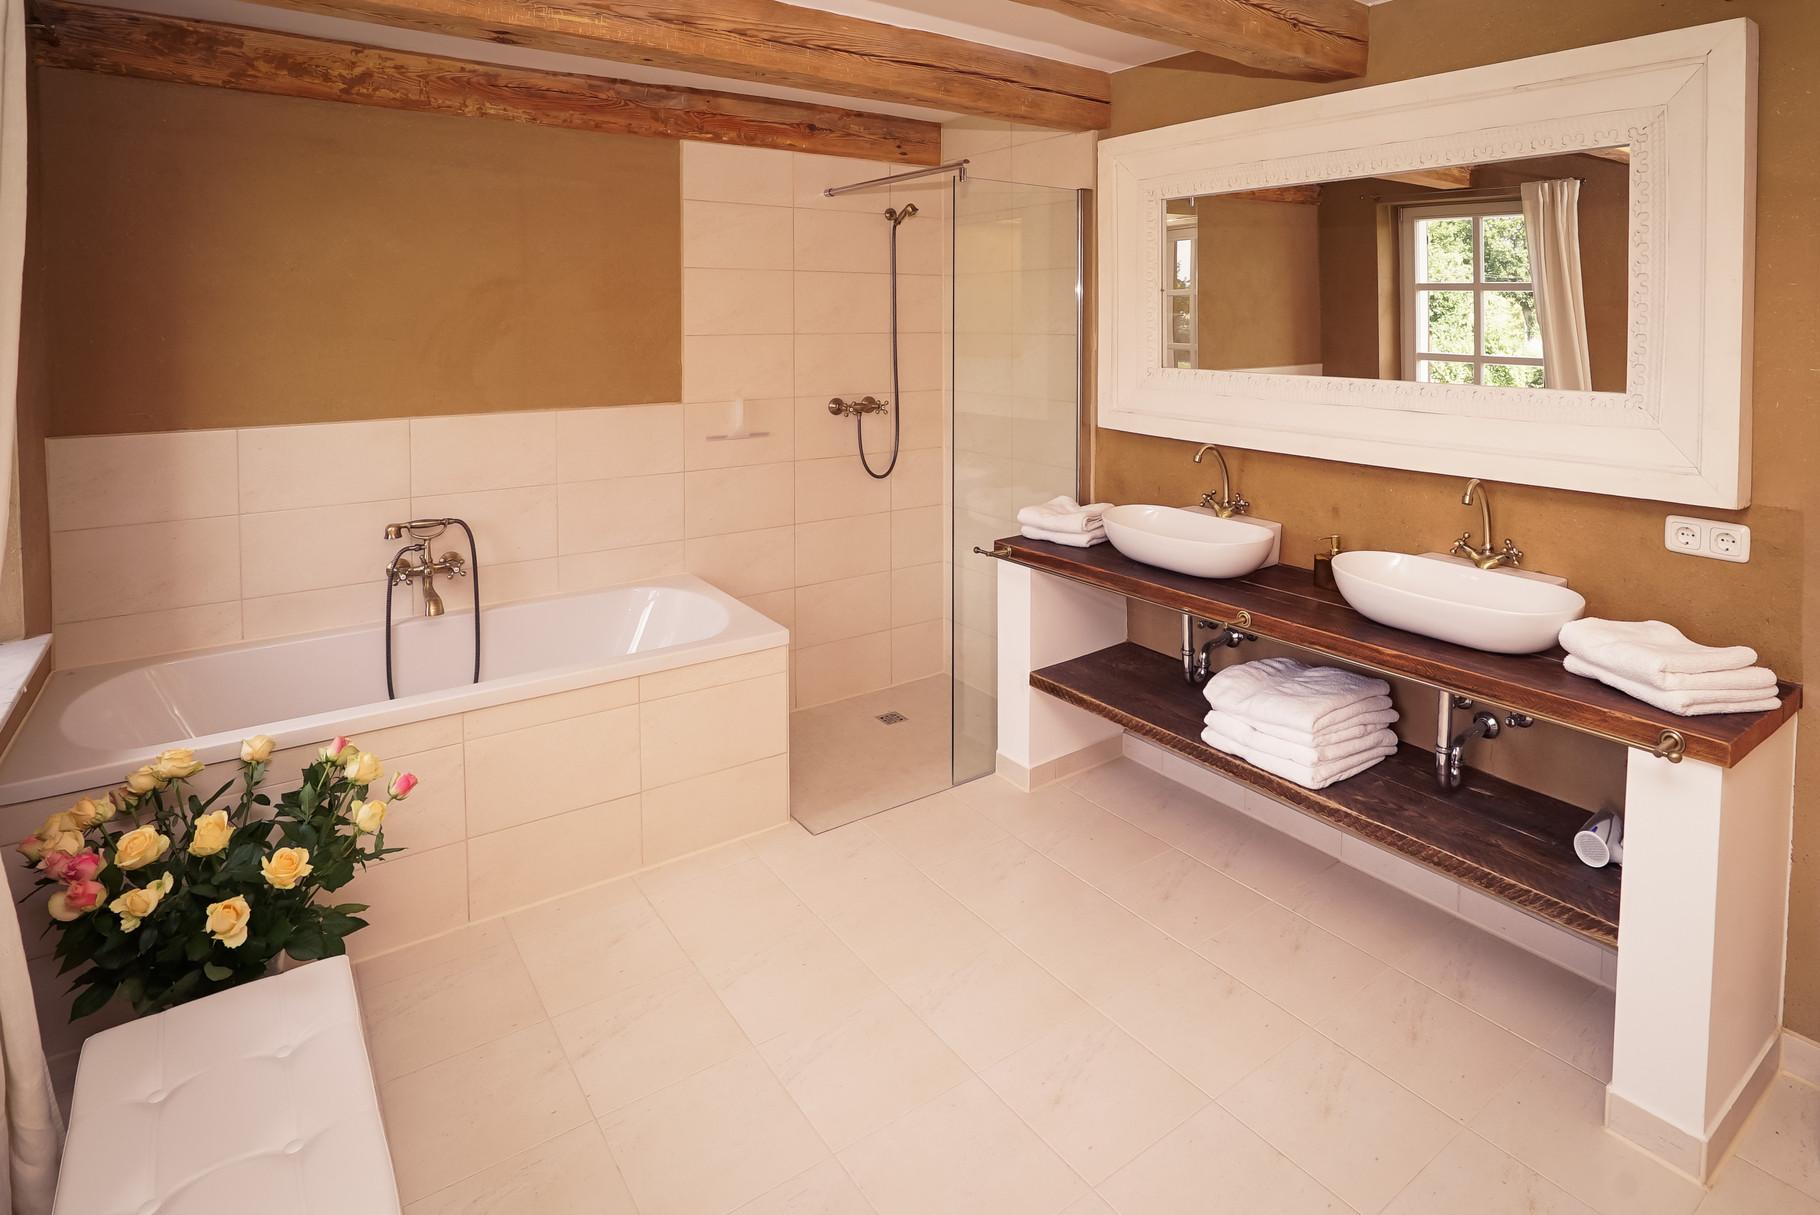 Badezimmer von AUGUST - rustikaler Landhauscharme trifft moderne Einrichtung